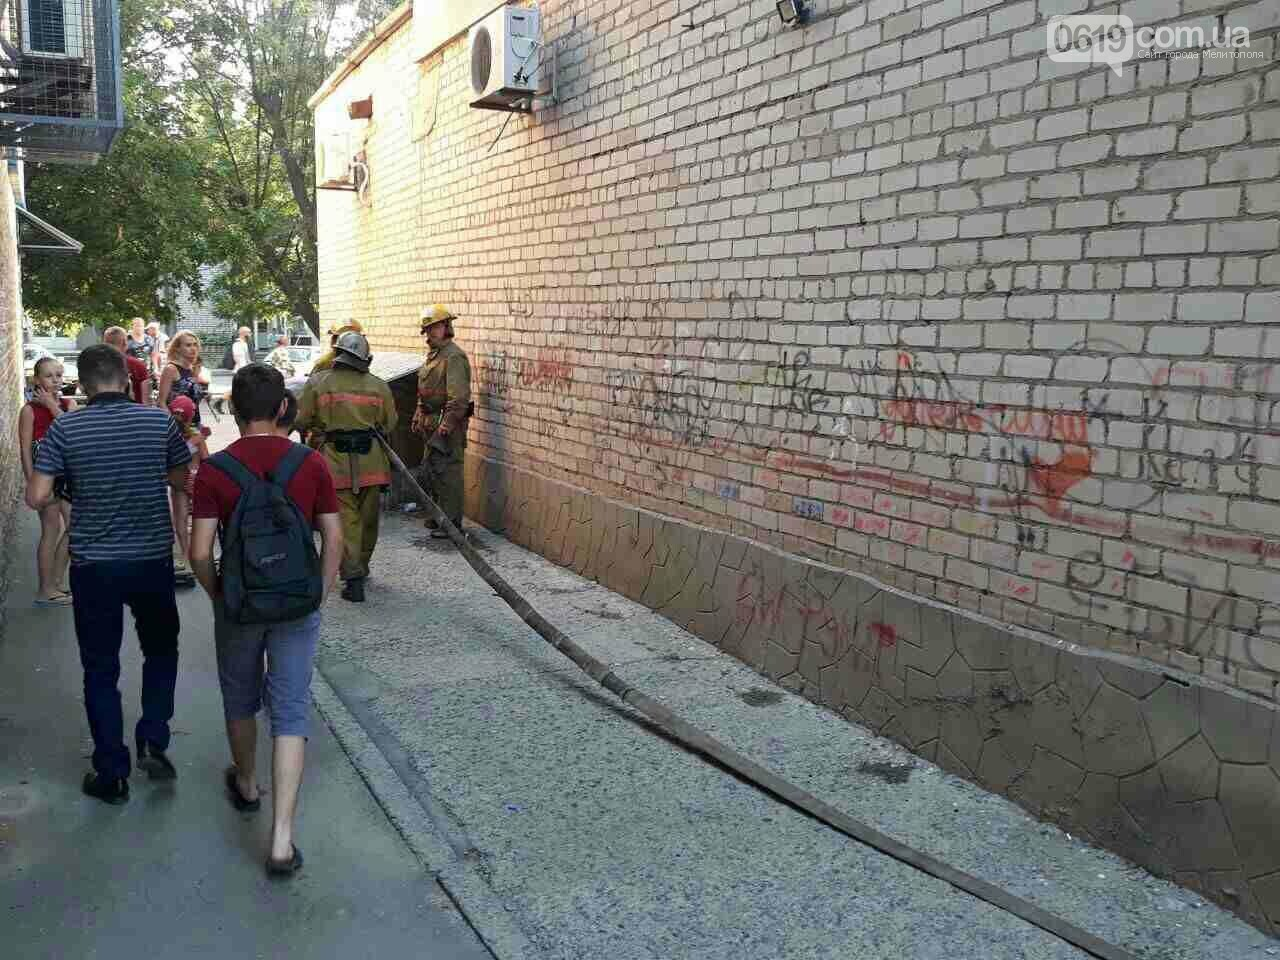 Мелитопольские спасатели потушили пожар в подвале многоэтажки, - ФОТО , фото-1